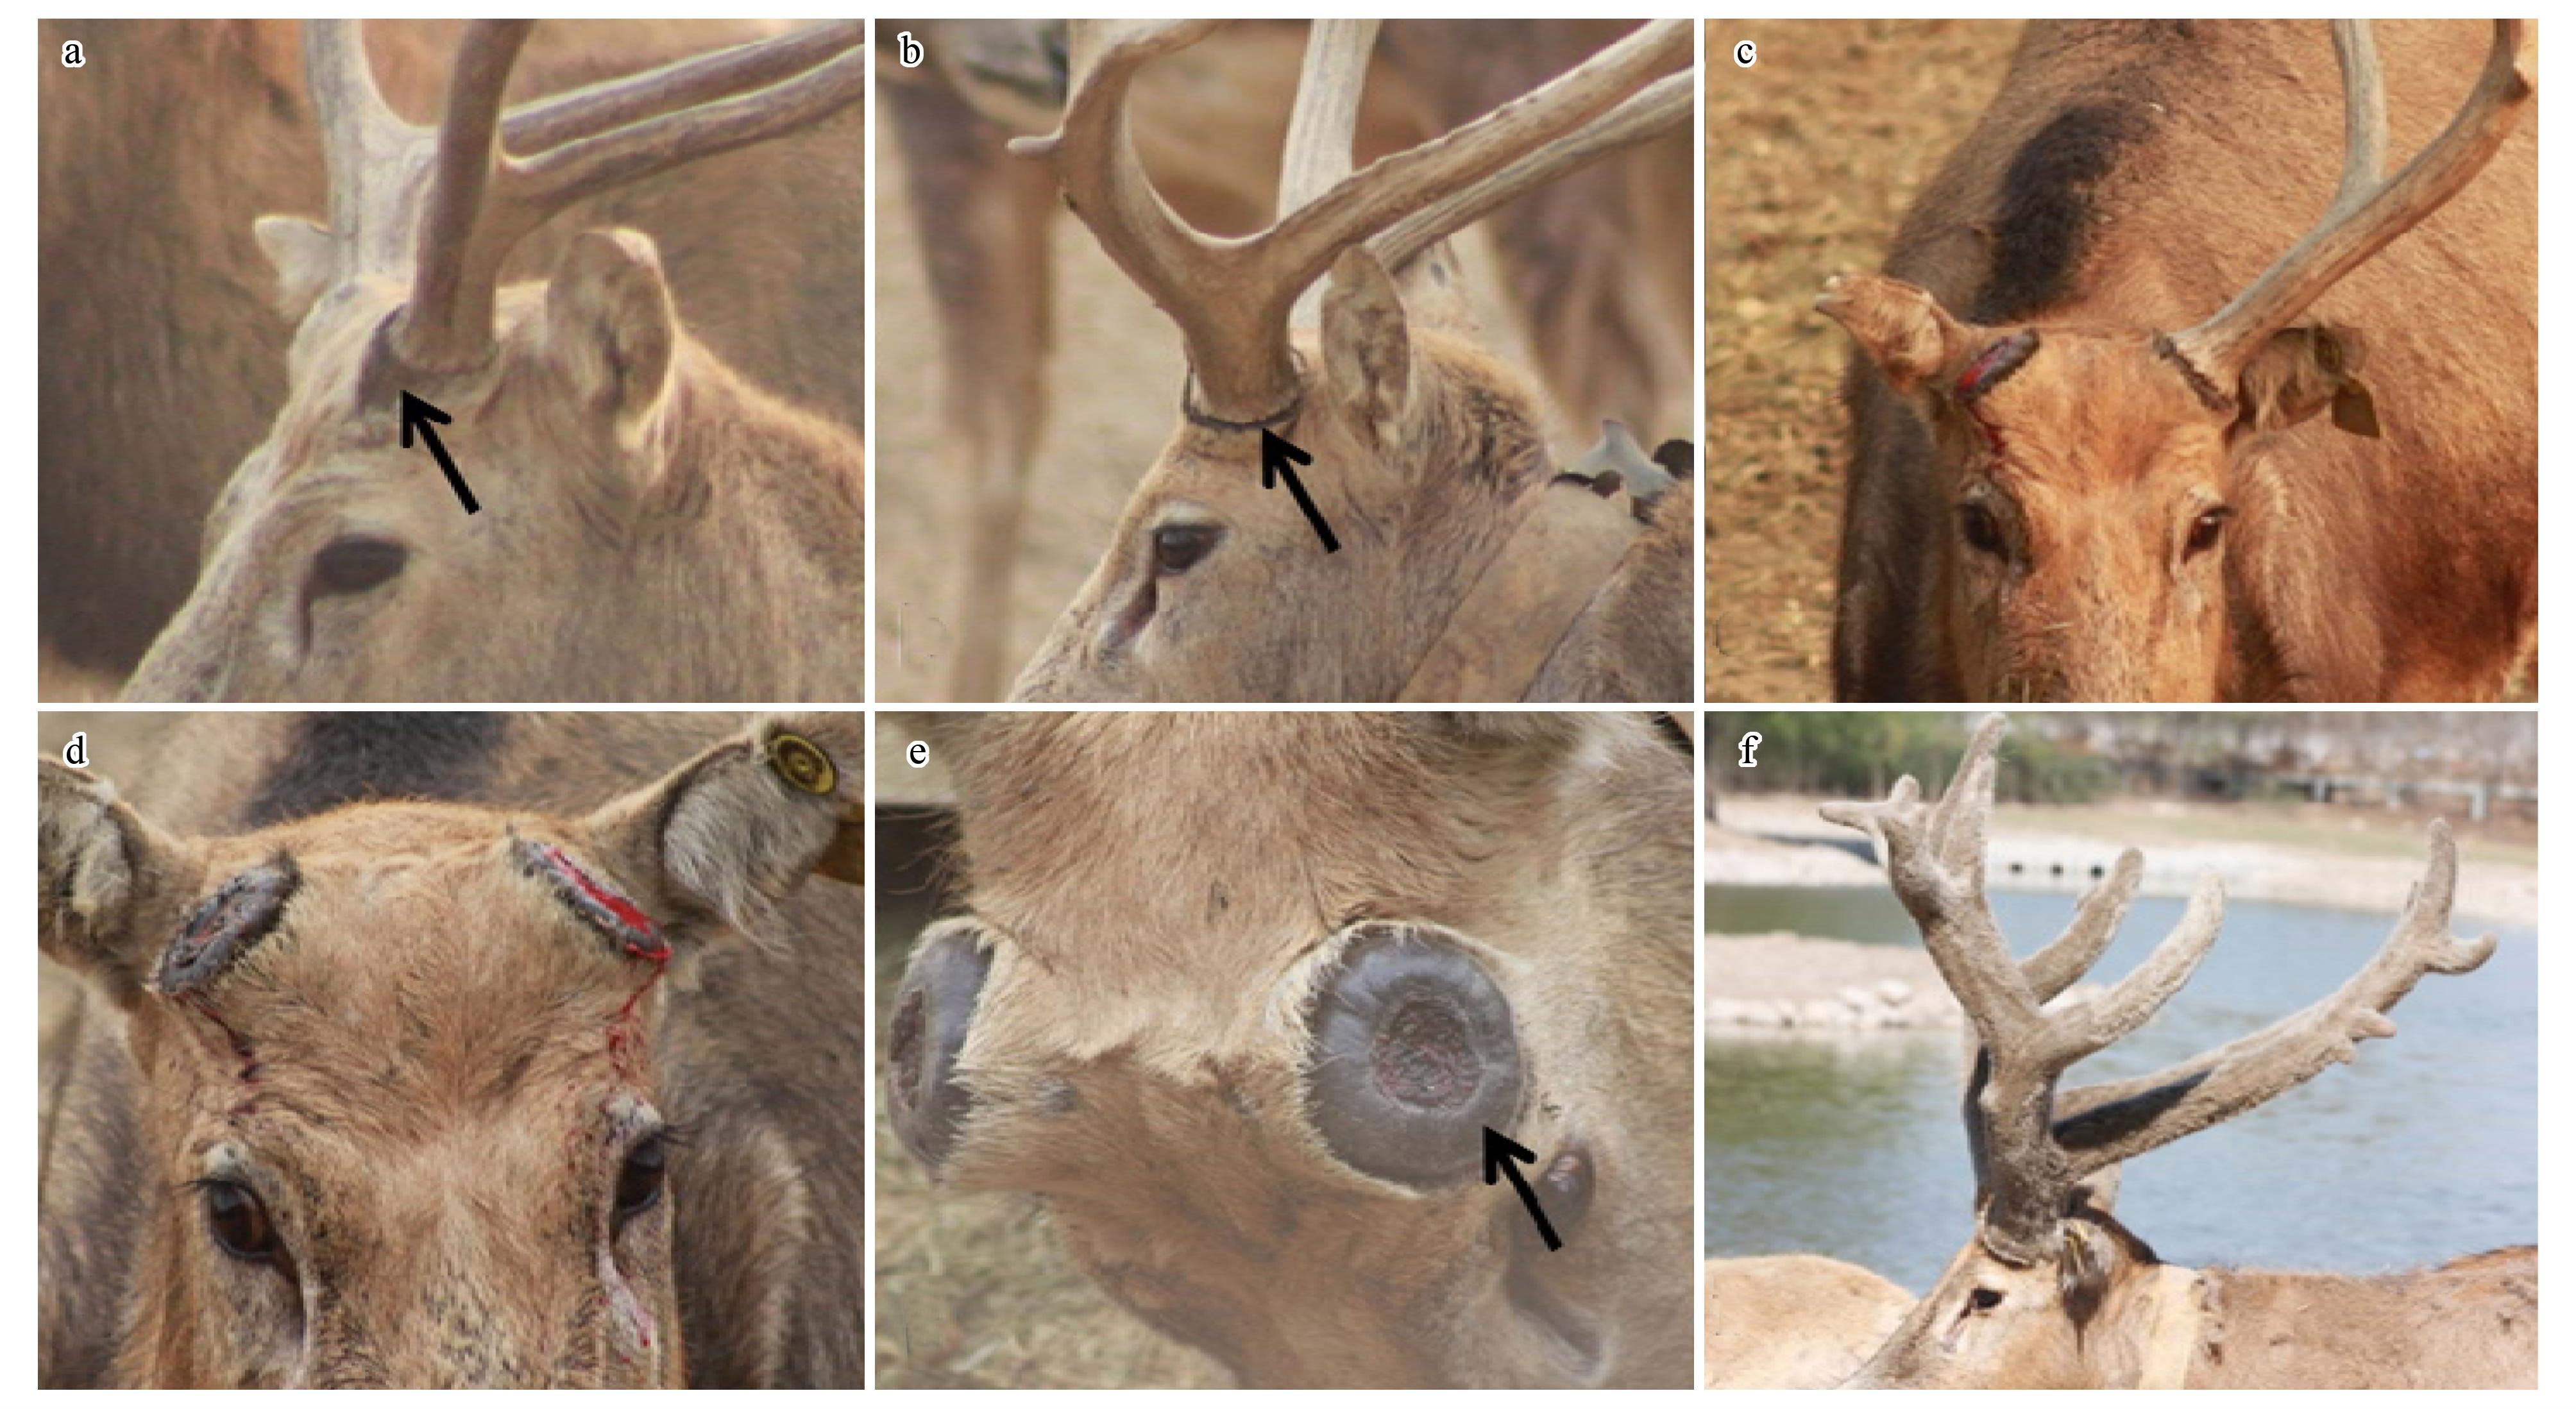 摘要: 2013年8月至2014年8月,使用望远镜(SWAROVSKI 8×42 WB)和照相机(Canon 550D 70×300)观察北京南海子59只雄性麋鹿茸的生长和角脱落周期,发现麋鹿角总体趋势呈随着年龄的减少,脱角日期越迟,且等级序位高或者鹿王较年老个体先脱落。收集2012年12月至2014年2月两年度麋鹿自然脱落的角,研究表明,个体而言,左右角脱角顺序差异明显,同一天脱落两角者占17.